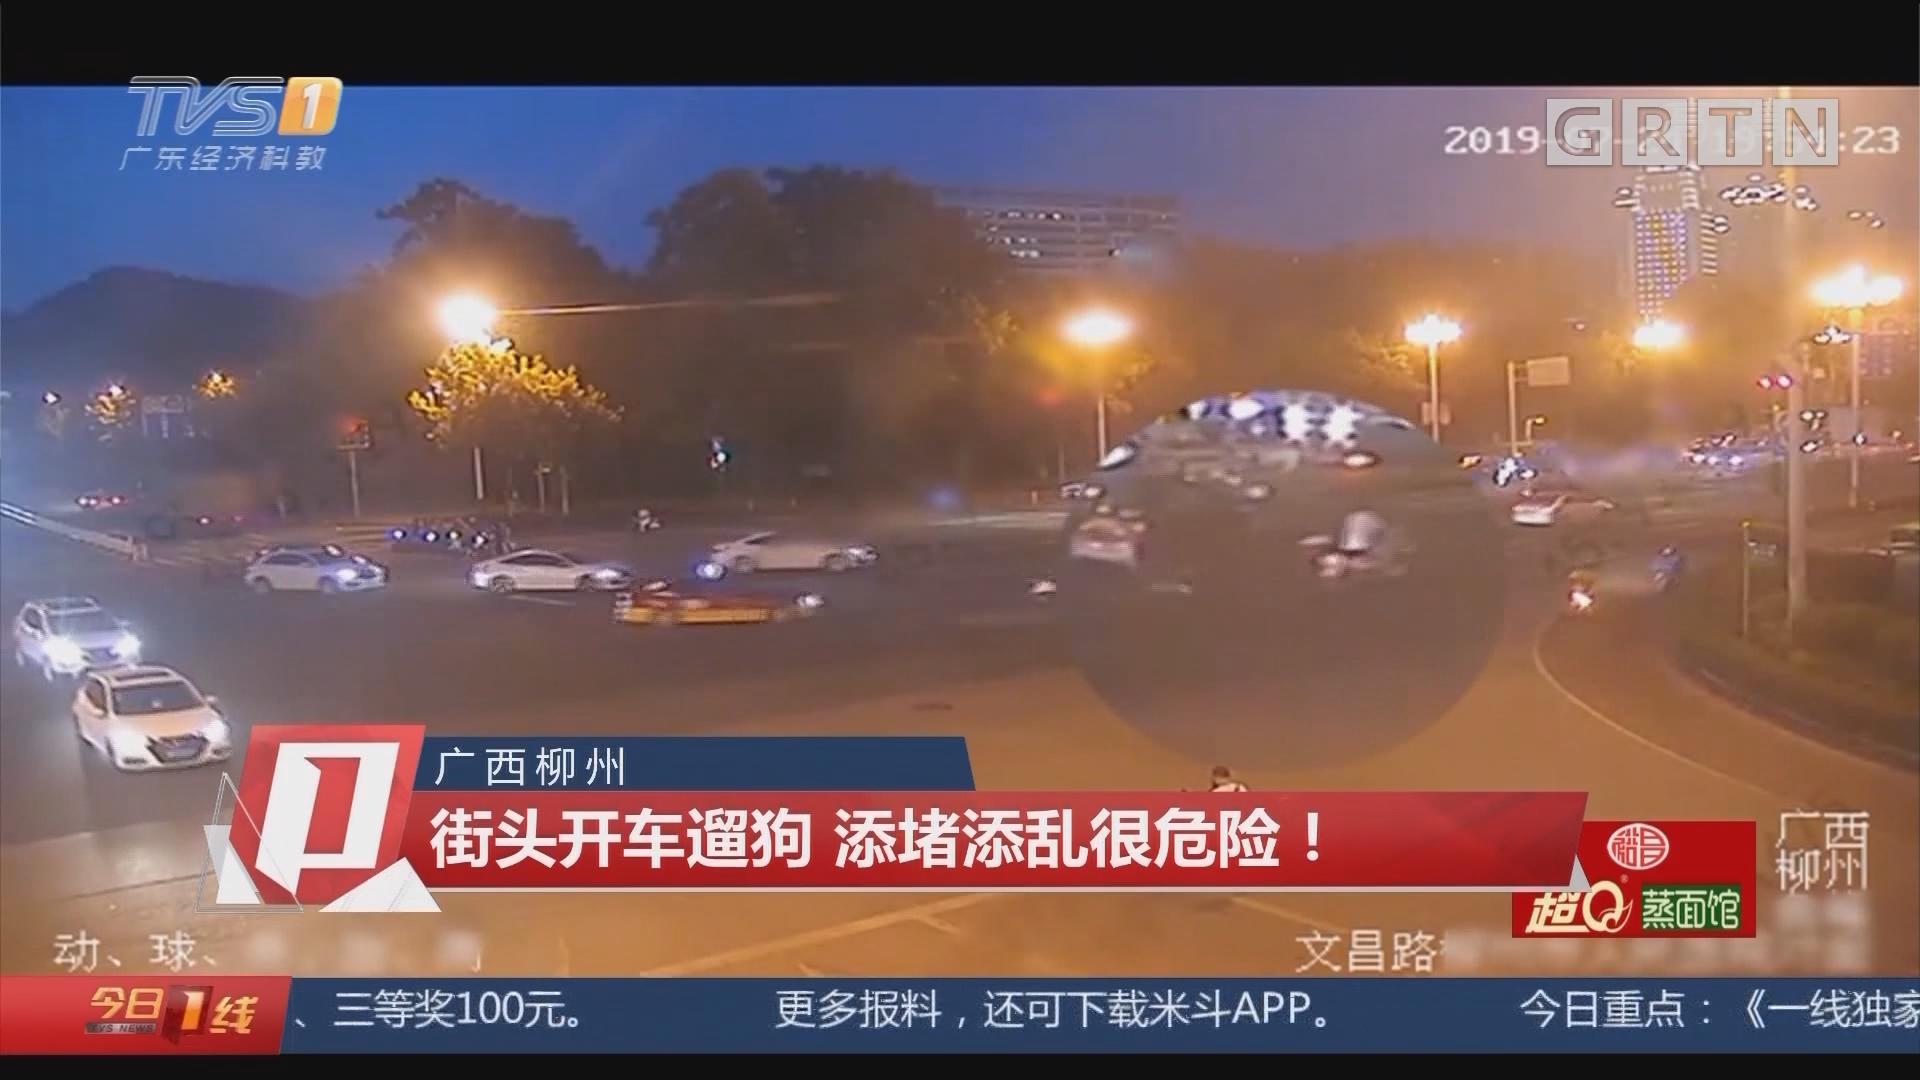 广西柳州:街头开车遛狗 添堵添乱很危险!